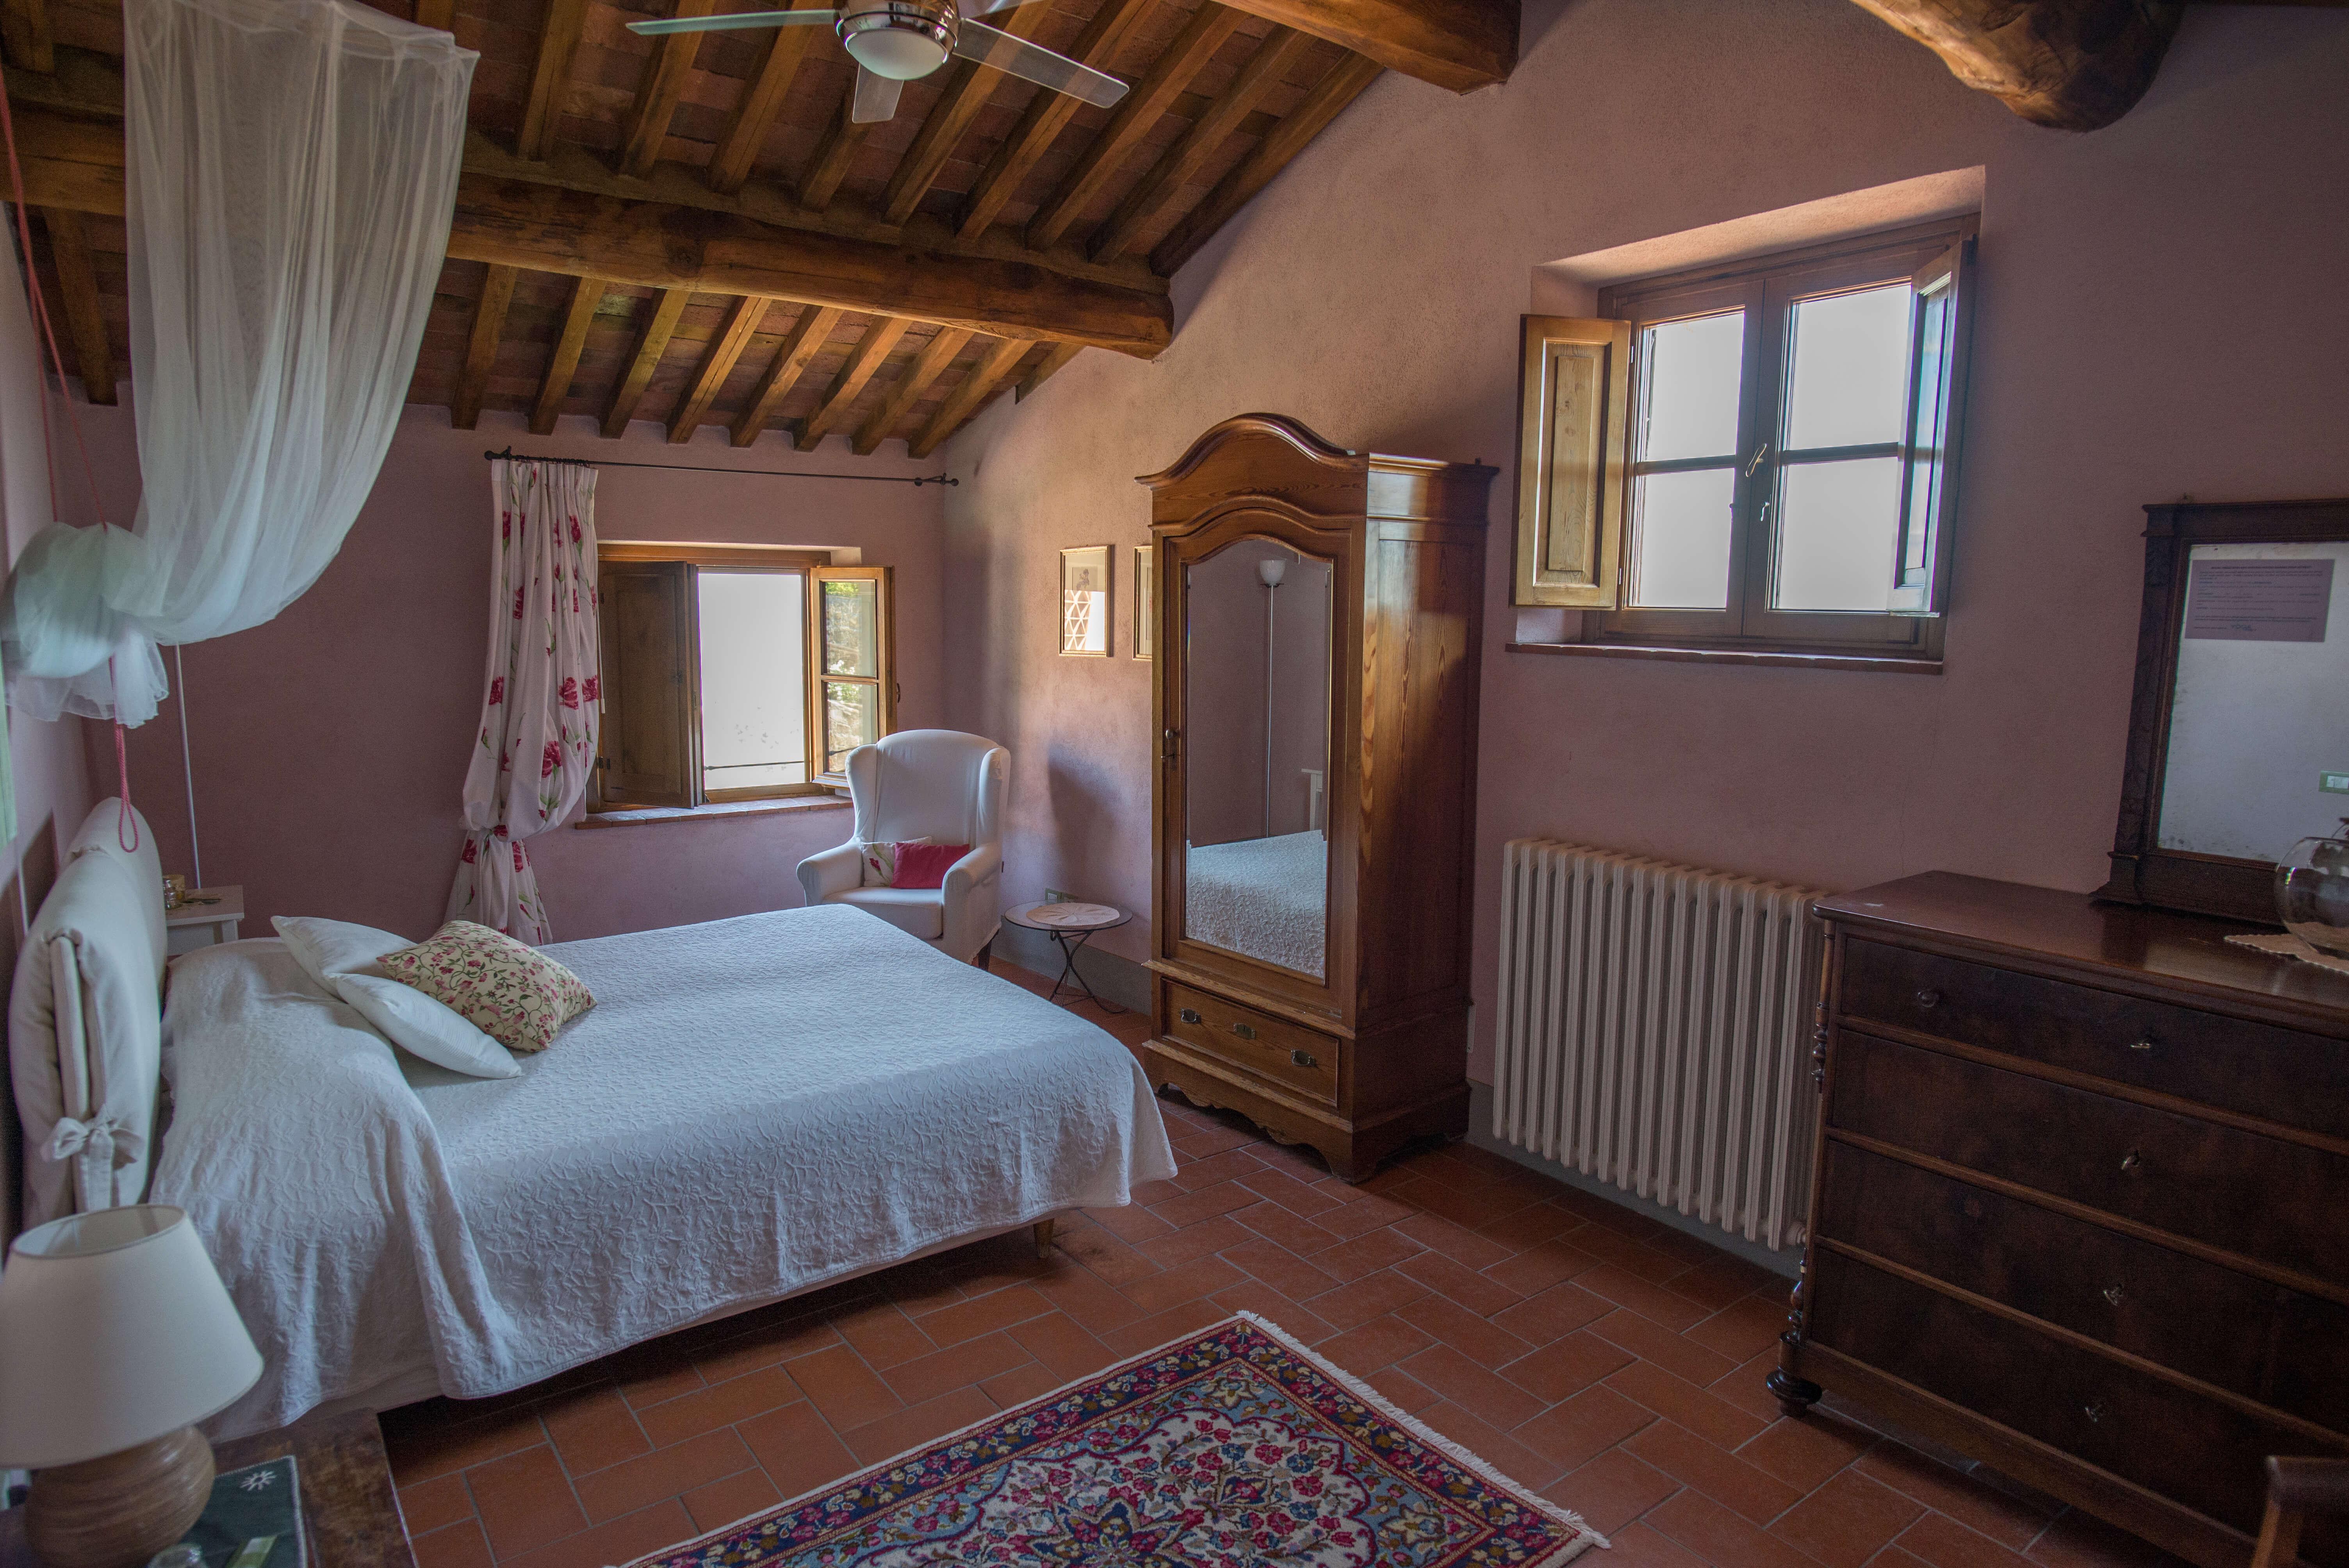 Il Borghino retreat centre room called I Nespoli - Rosa